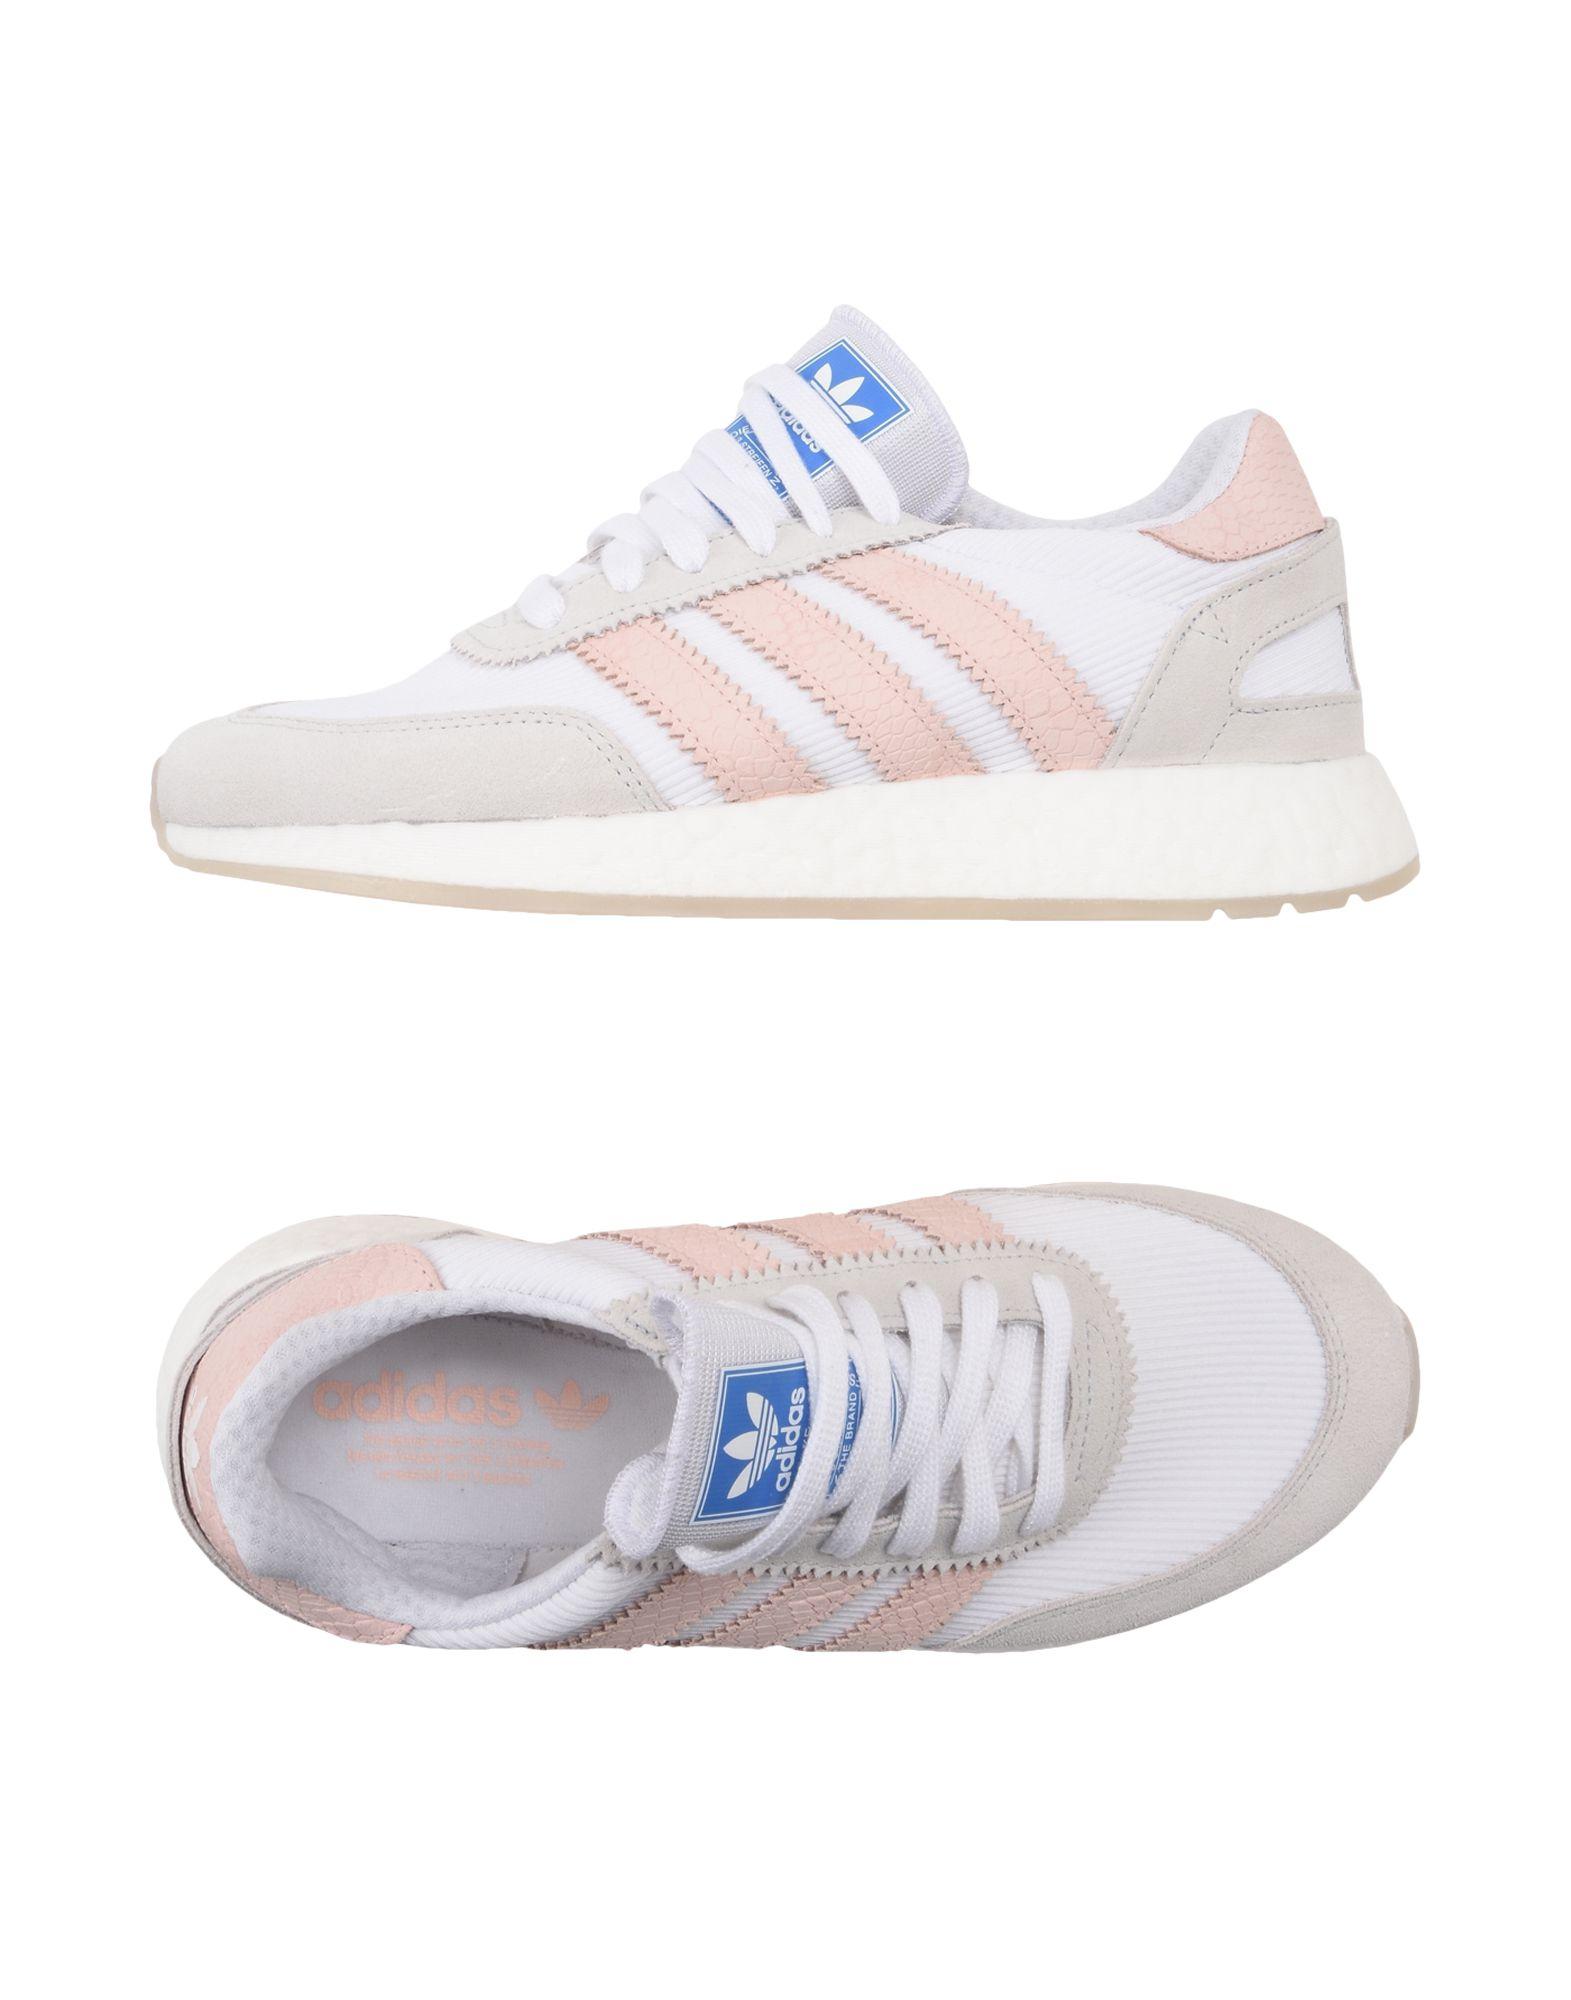 Casual salvaje Zapatillas Adidas Originals I-5923 W - Mujer Originals - Zapatillas Adidas Originals Mujer  Blanco 53115a